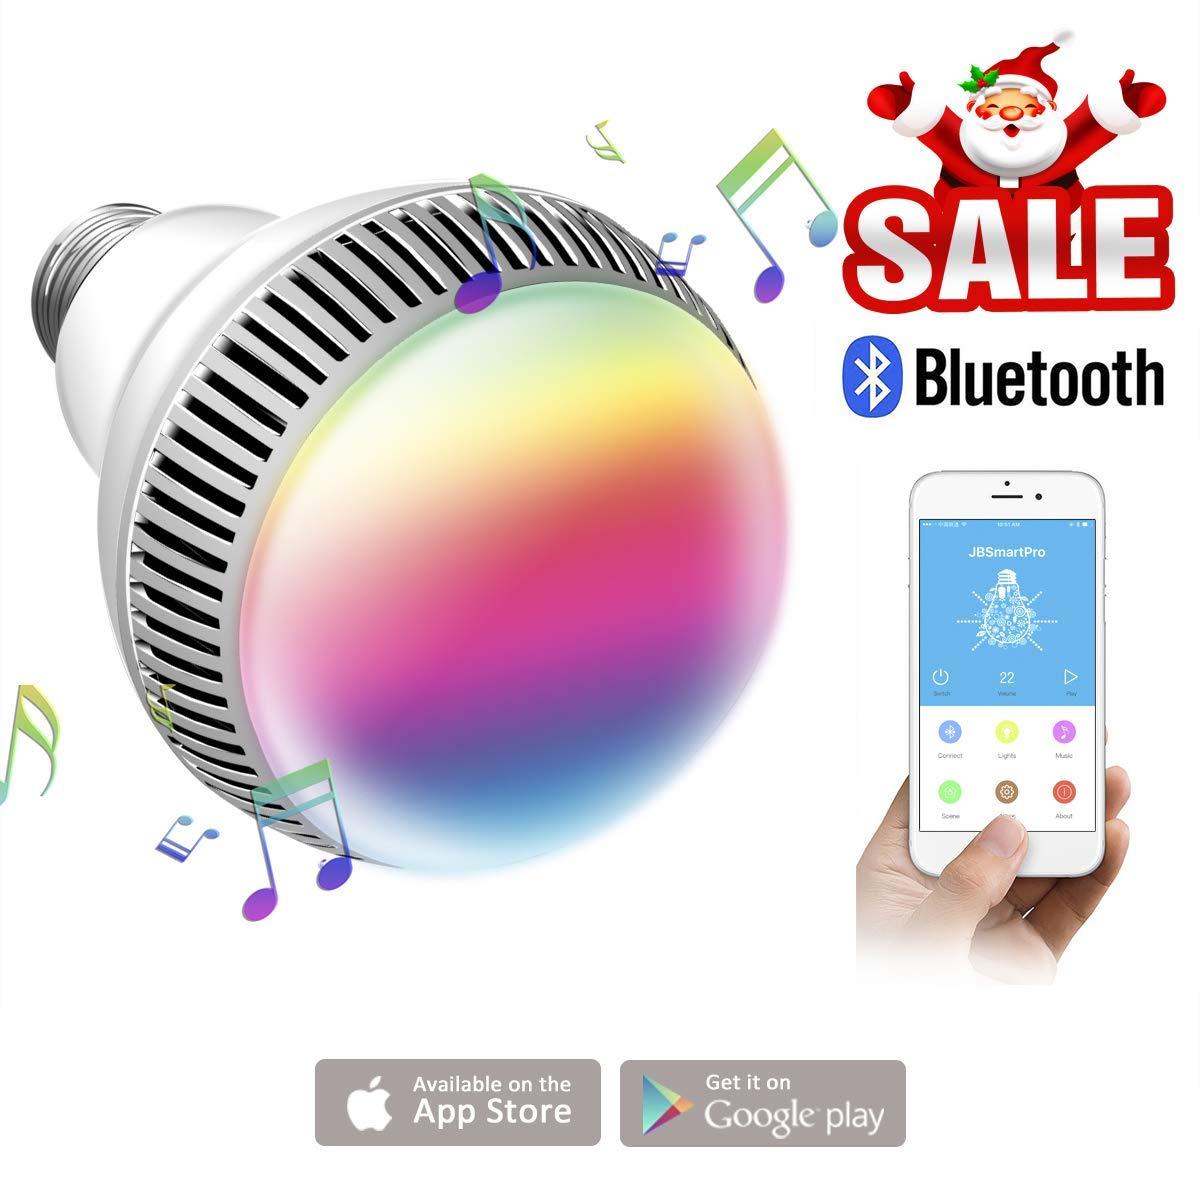 Ampoule connectée, Morpilot Ampoule Bluetooth encenite - Ampoule de couleur avec haut-parleur, Lampe intelligente LED RGB E27 Contrôlée par iPhone/iPad/Appareils Android/Tablette